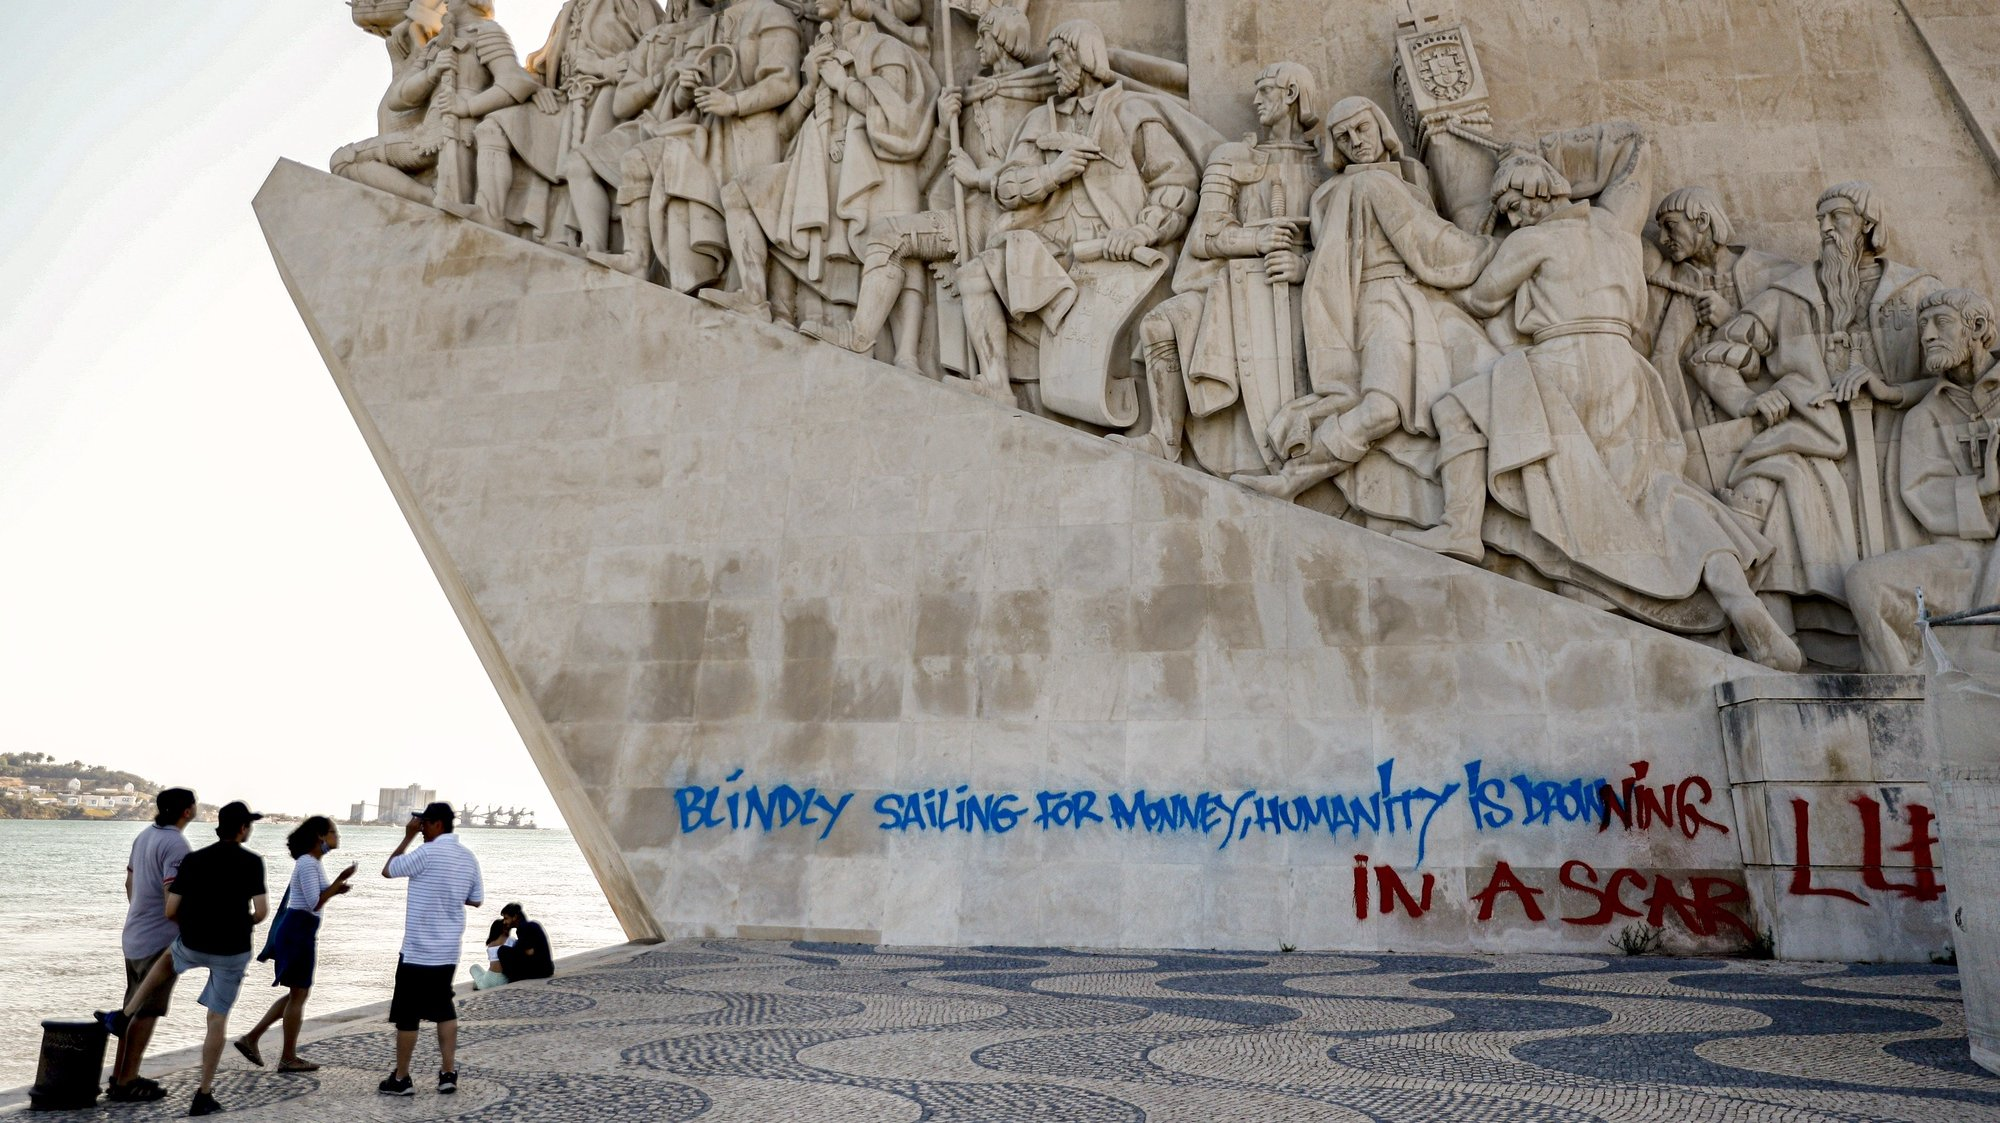 O Padrão dos Descobrimentos, em Belém, foi hoje vandalizado com um 'graffiti' numa das laterais do monumento, com uma extensão de cerca de 20 metros e escrito em inglês, Lisboa, 08 de agosto de  2021.  ANTÓNIO COTRIM/LUSA